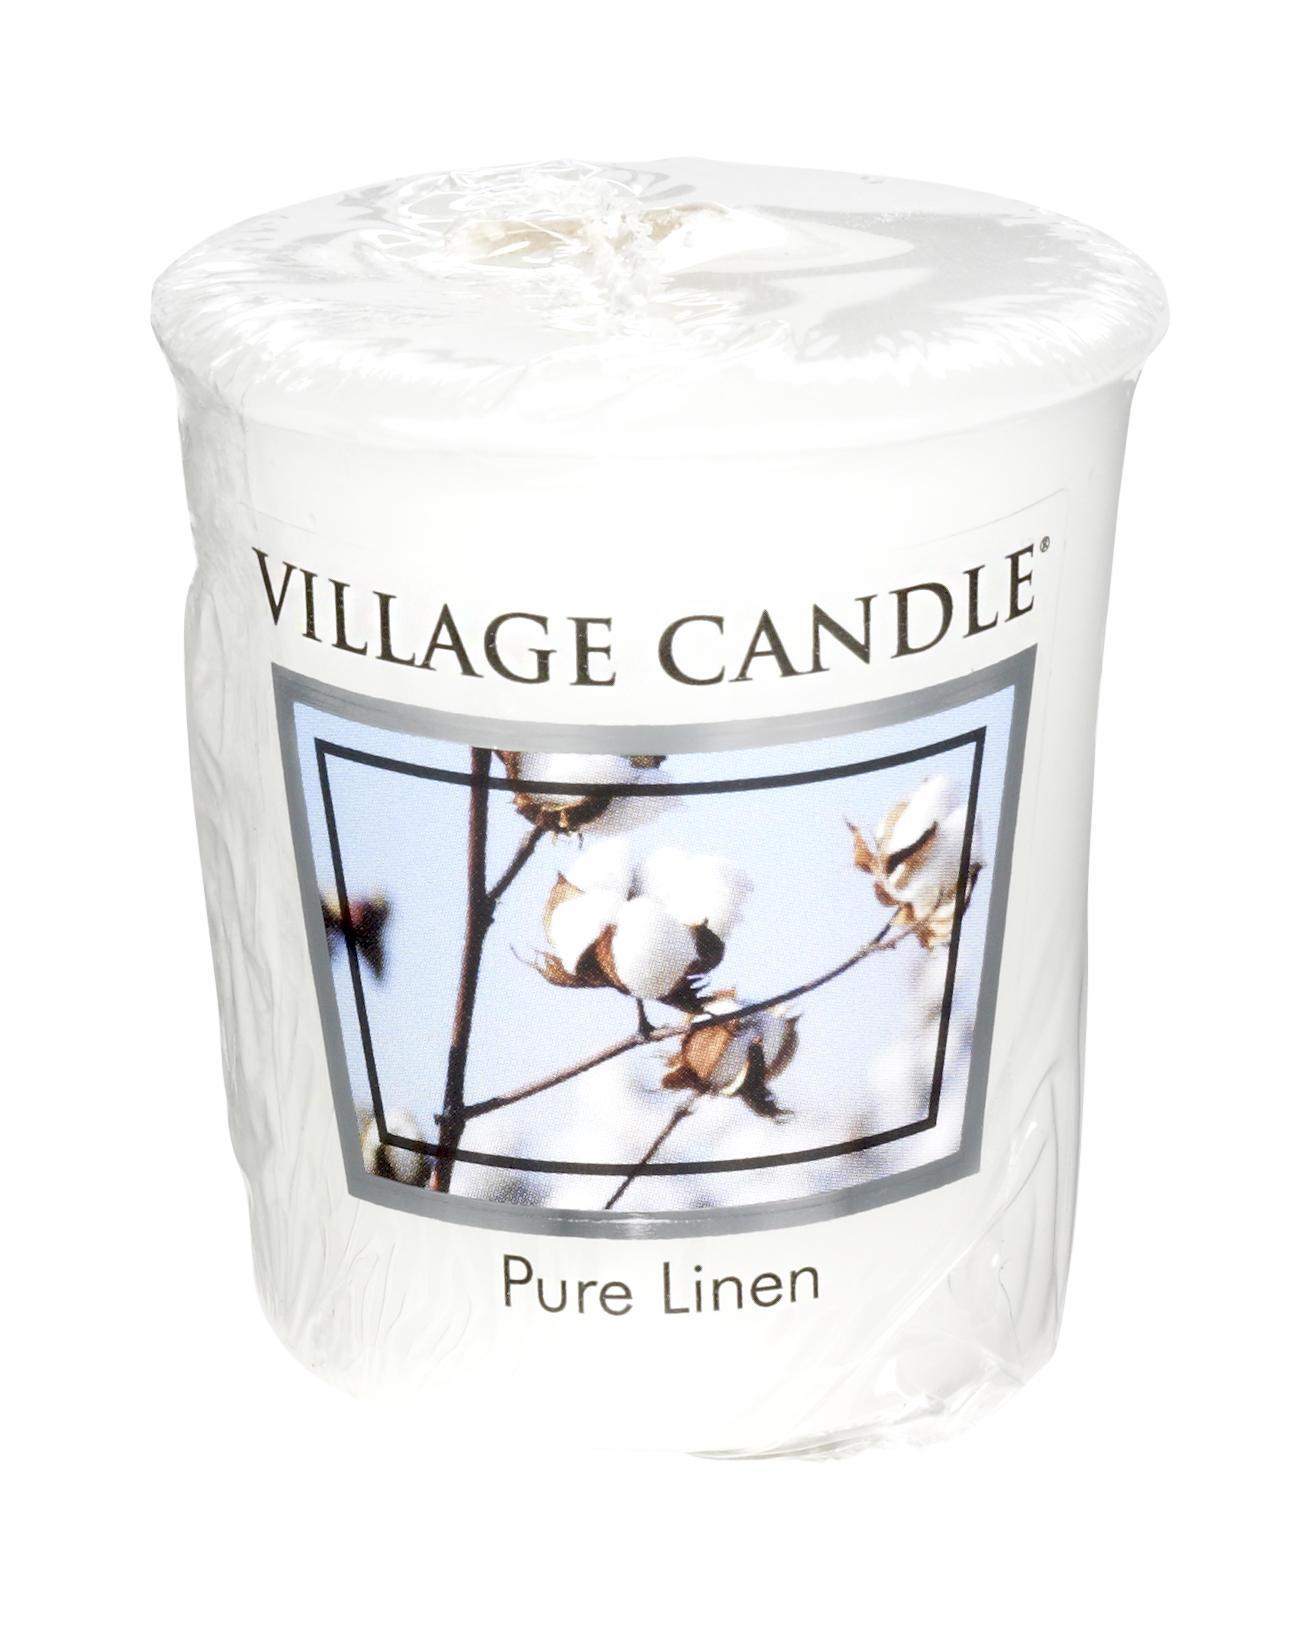 VILLAGE CANDLE Votivní svíčka Village Candle - Pure Linen, bílá barva